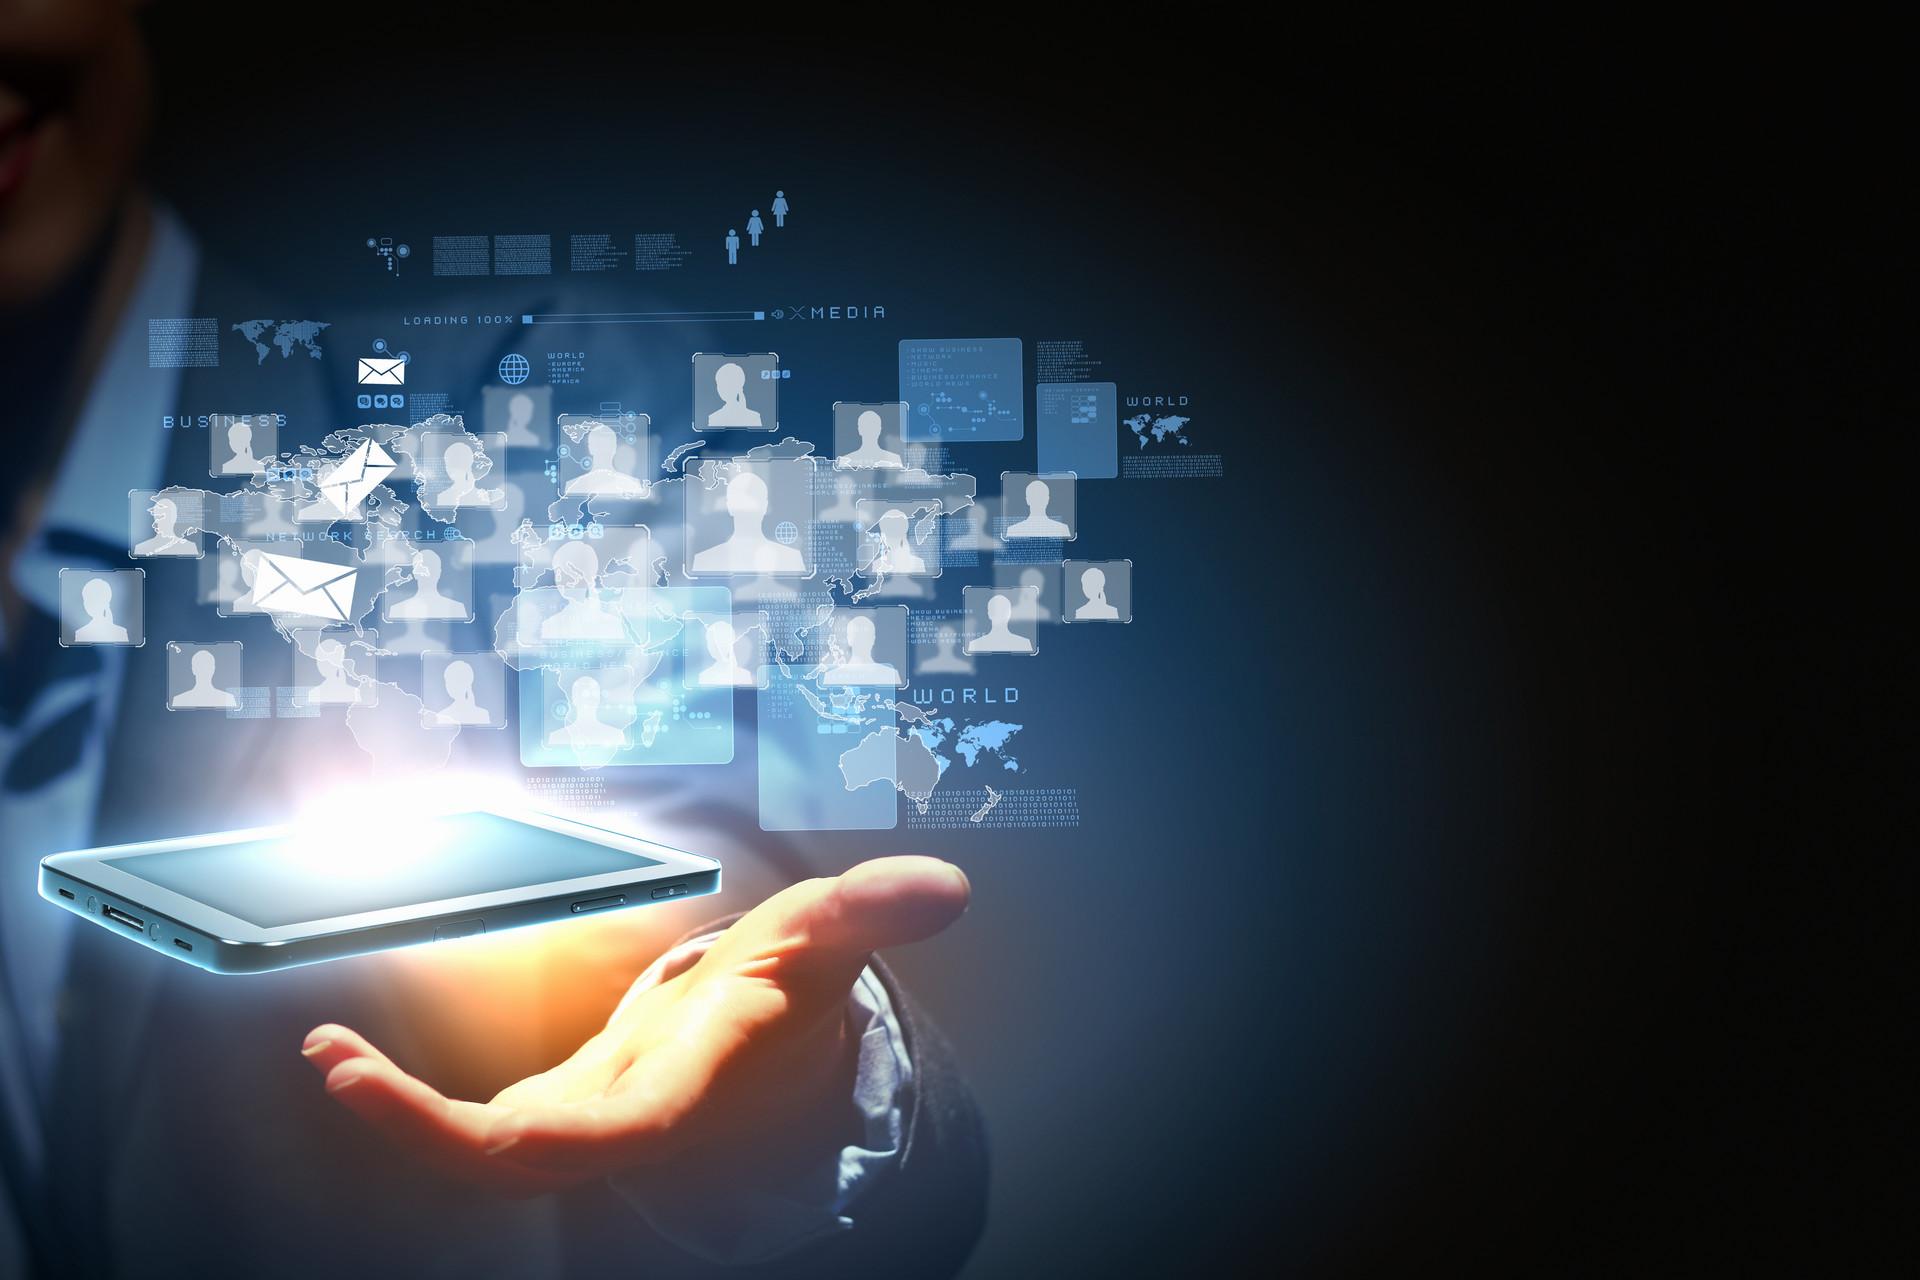 学龄前儿童大量使用电子媒体,对其心理健康产生极大影响!